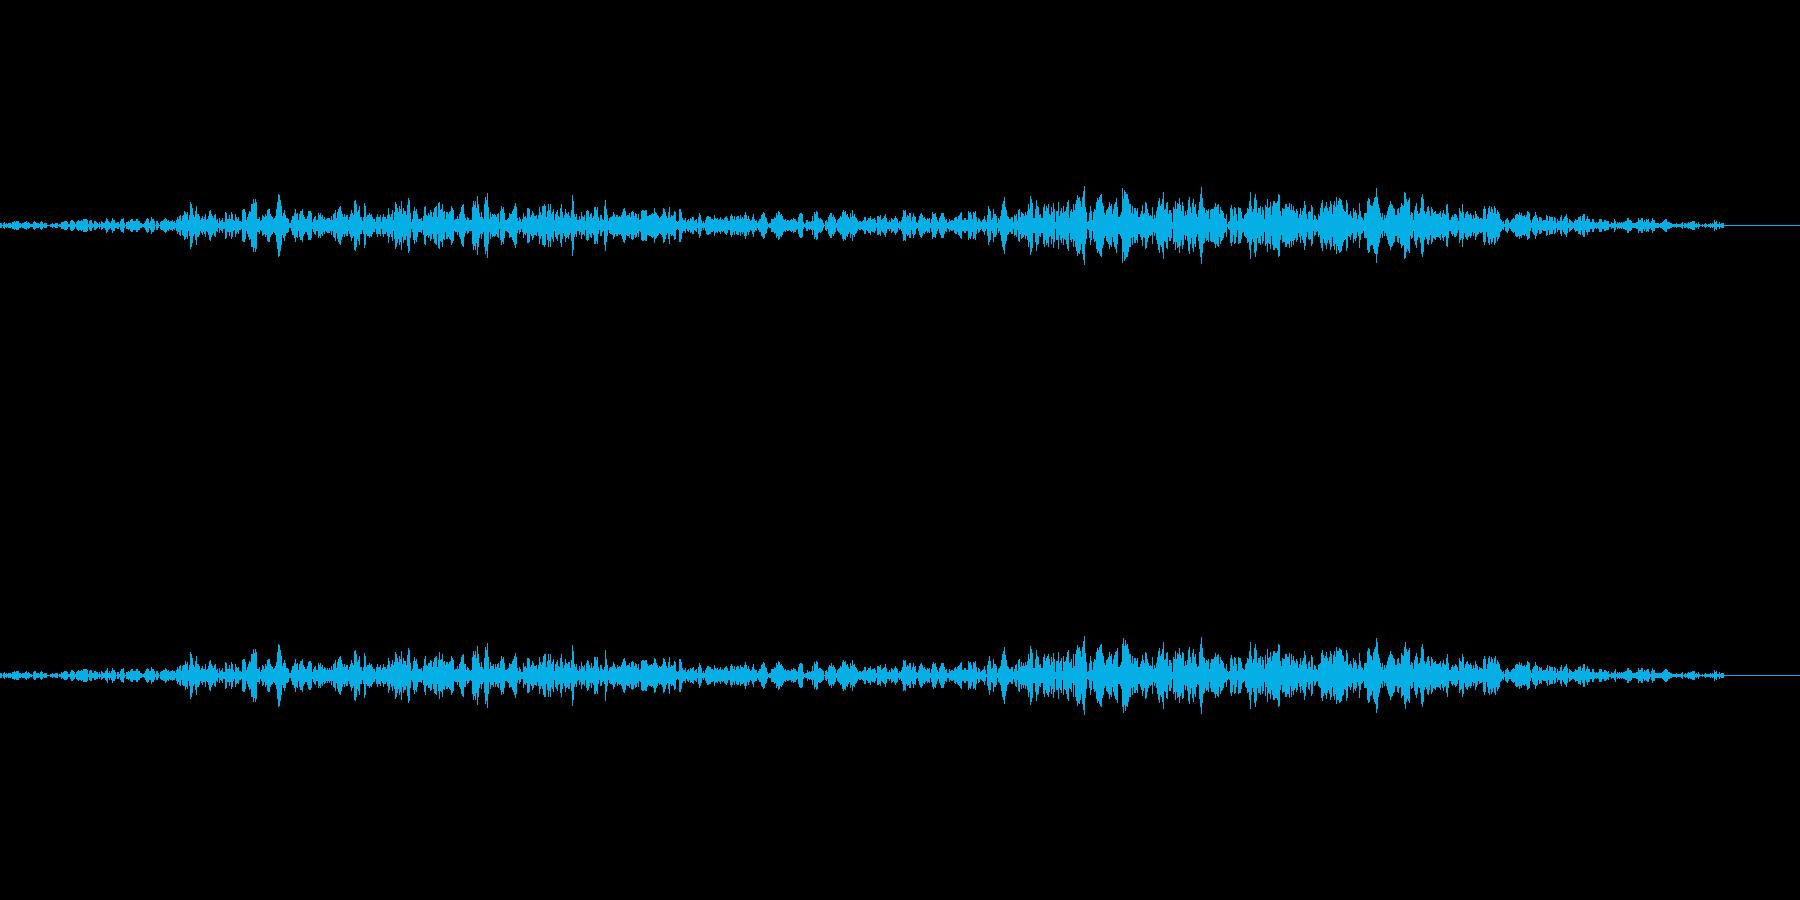 ゴシゴシと何かを擦っているような音です…の再生済みの波形